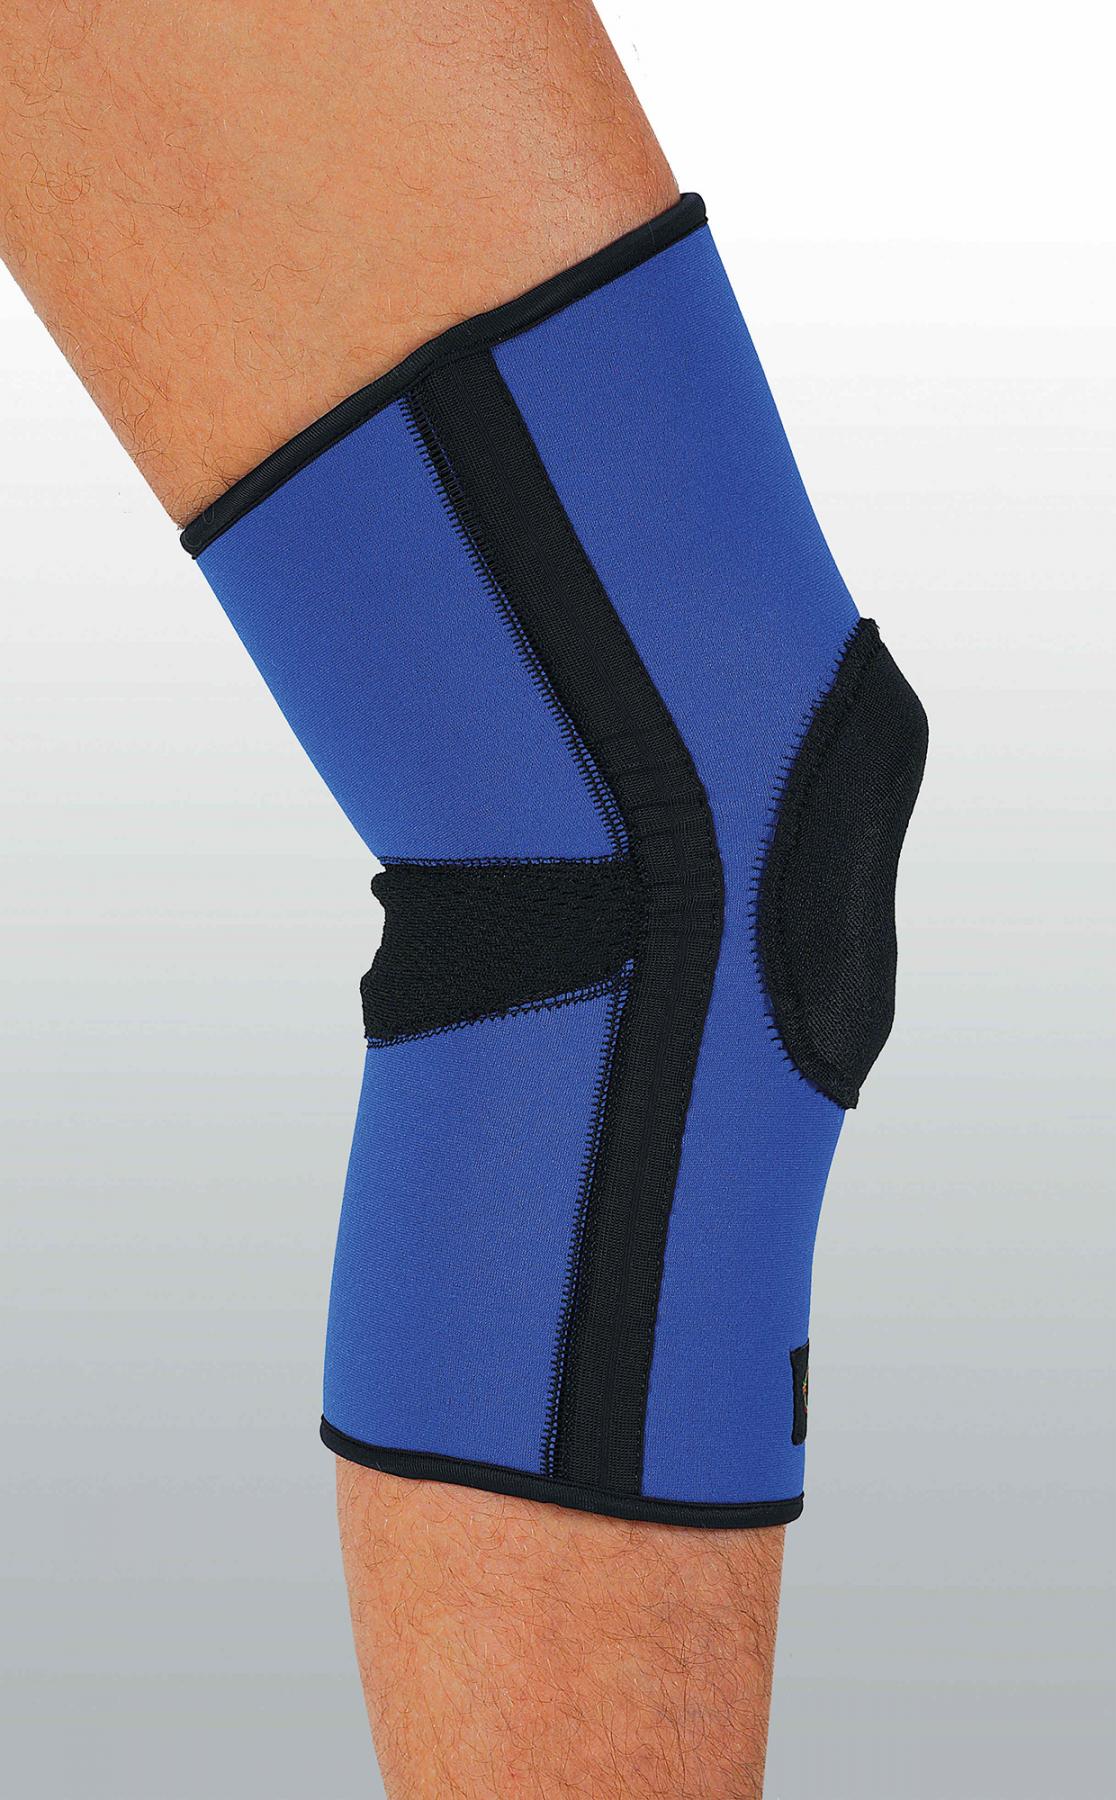 Валик для коленного сустава купить разработка сустава руки после перелома